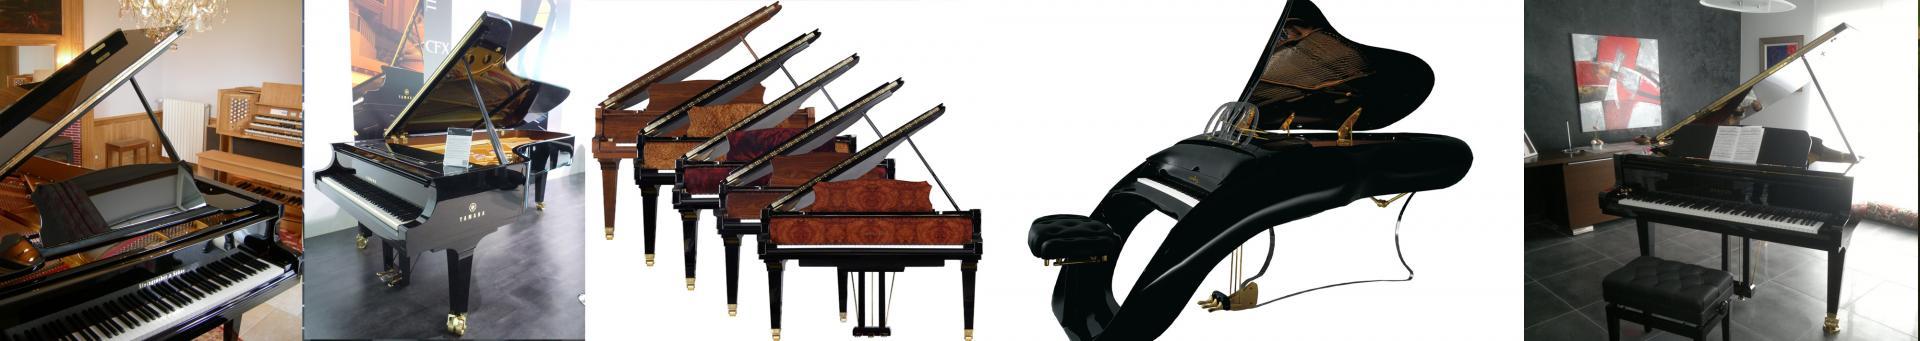 Exemples d'offres sur une sélection de pianos à queue